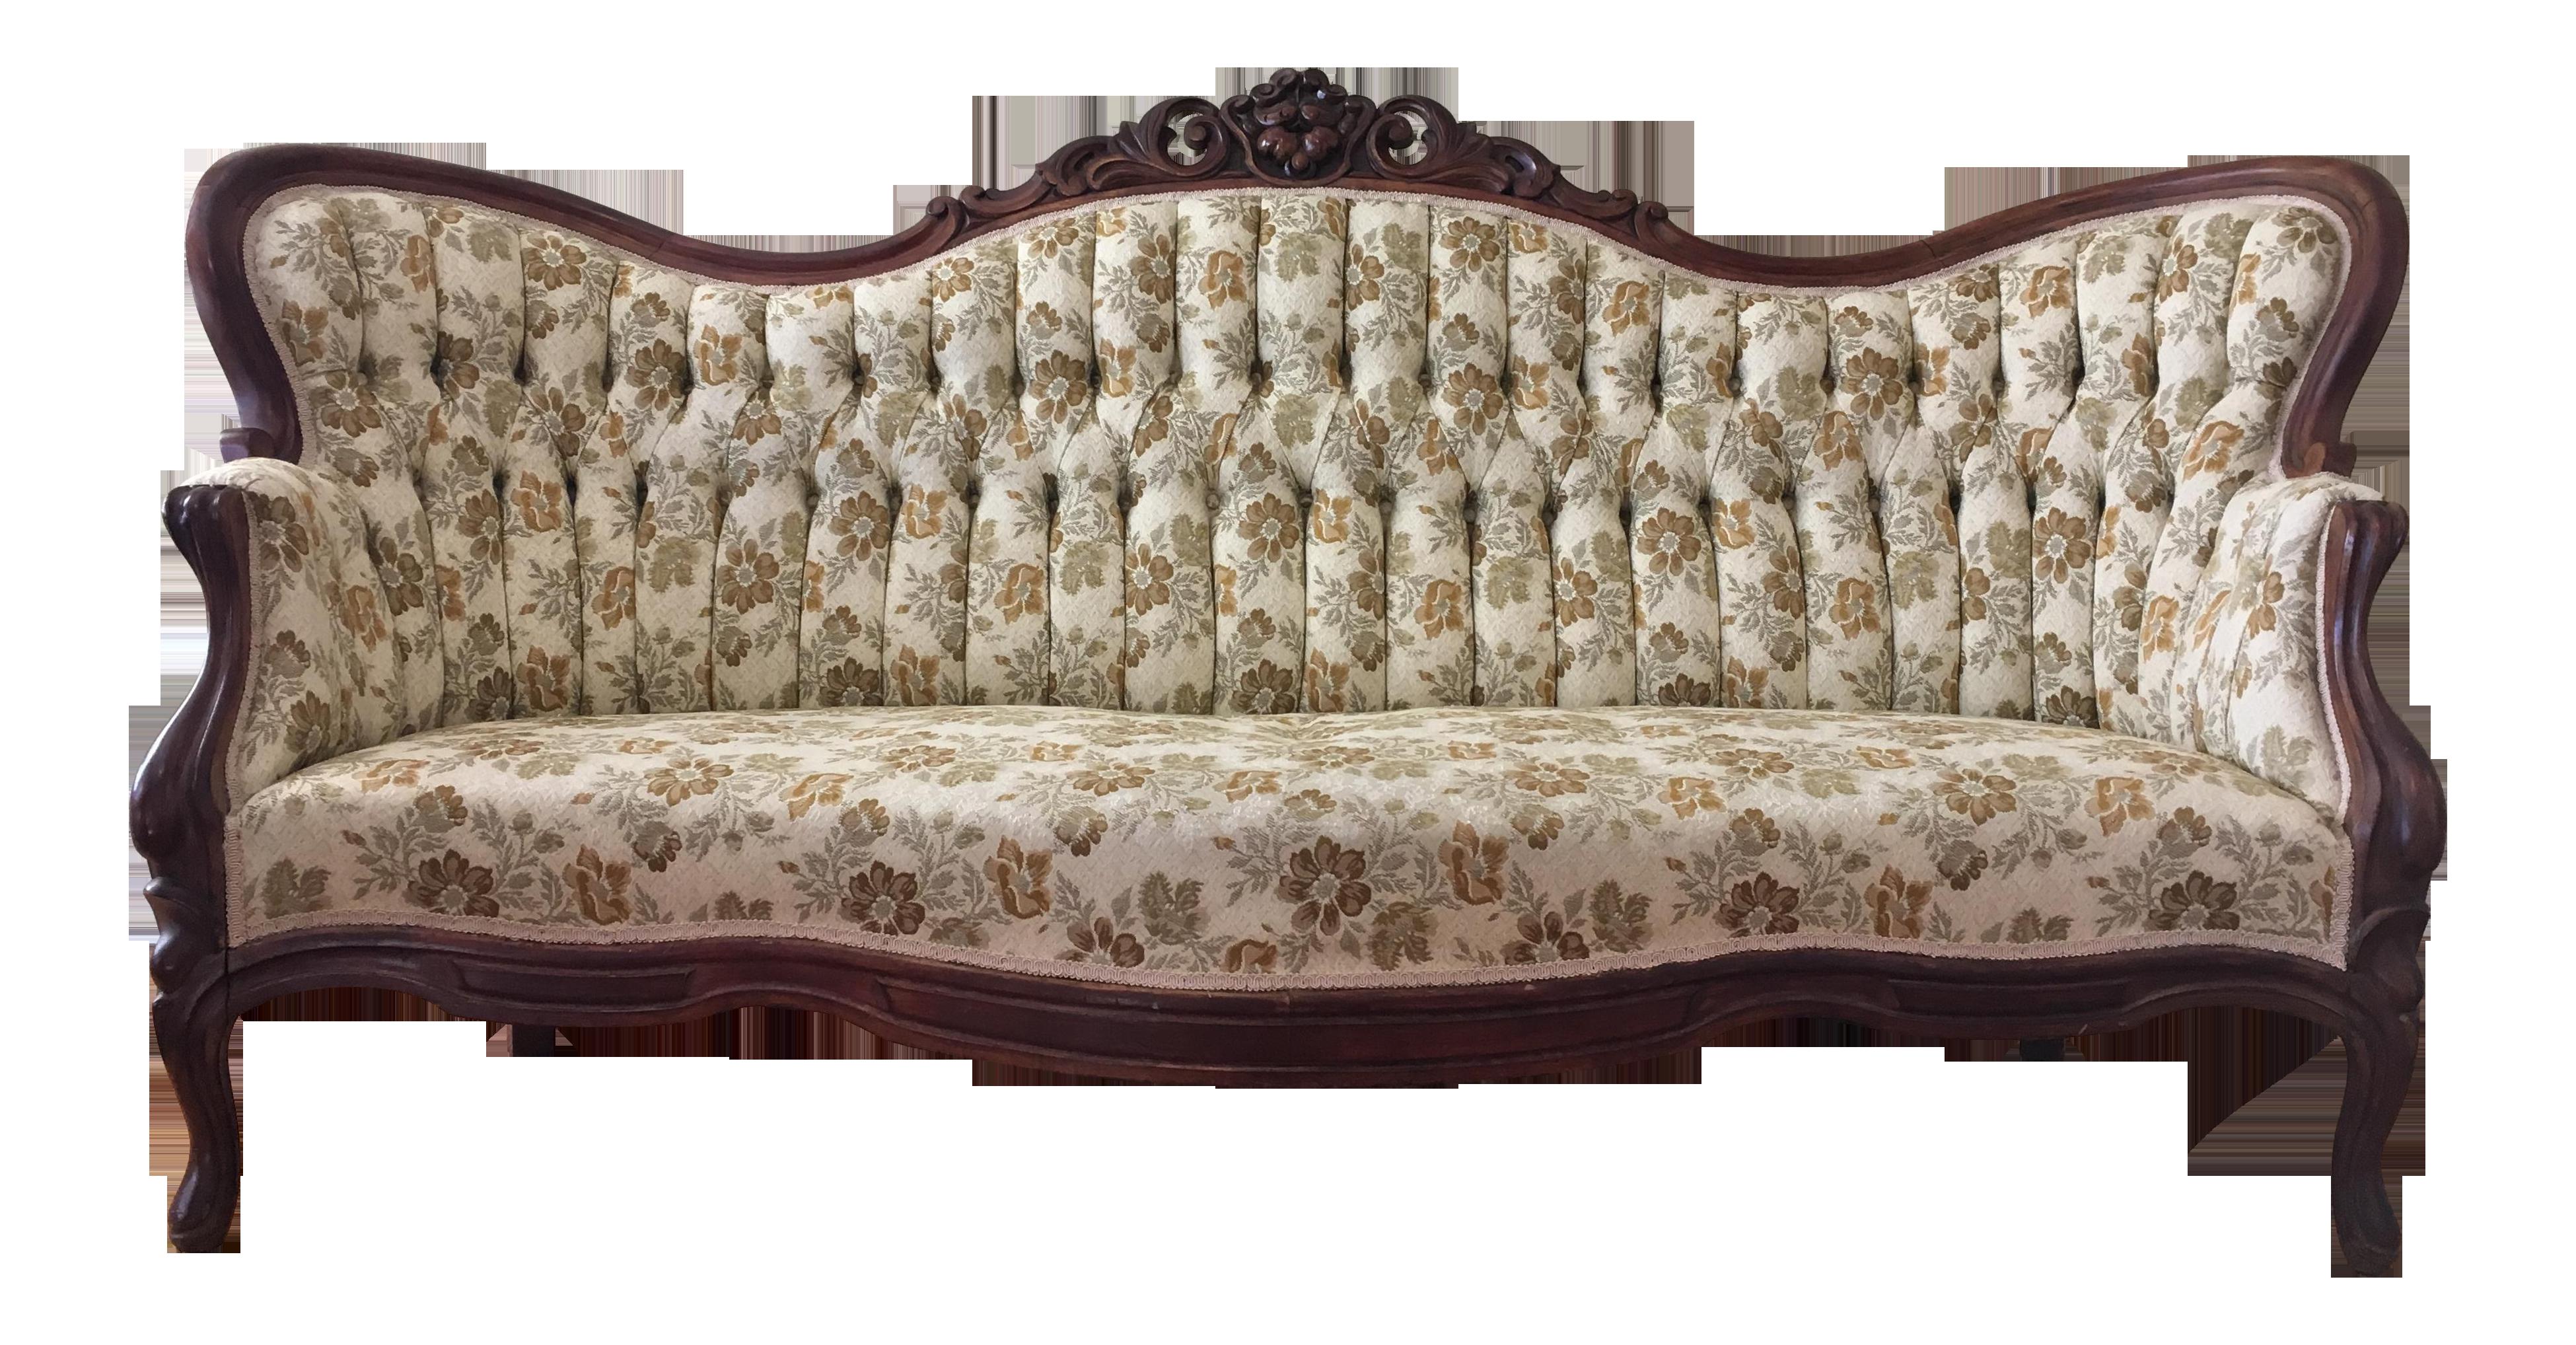 Stupendous Antique Victorian Camelback Sofa Inzonedesignstudio Interior Chair Design Inzonedesignstudiocom